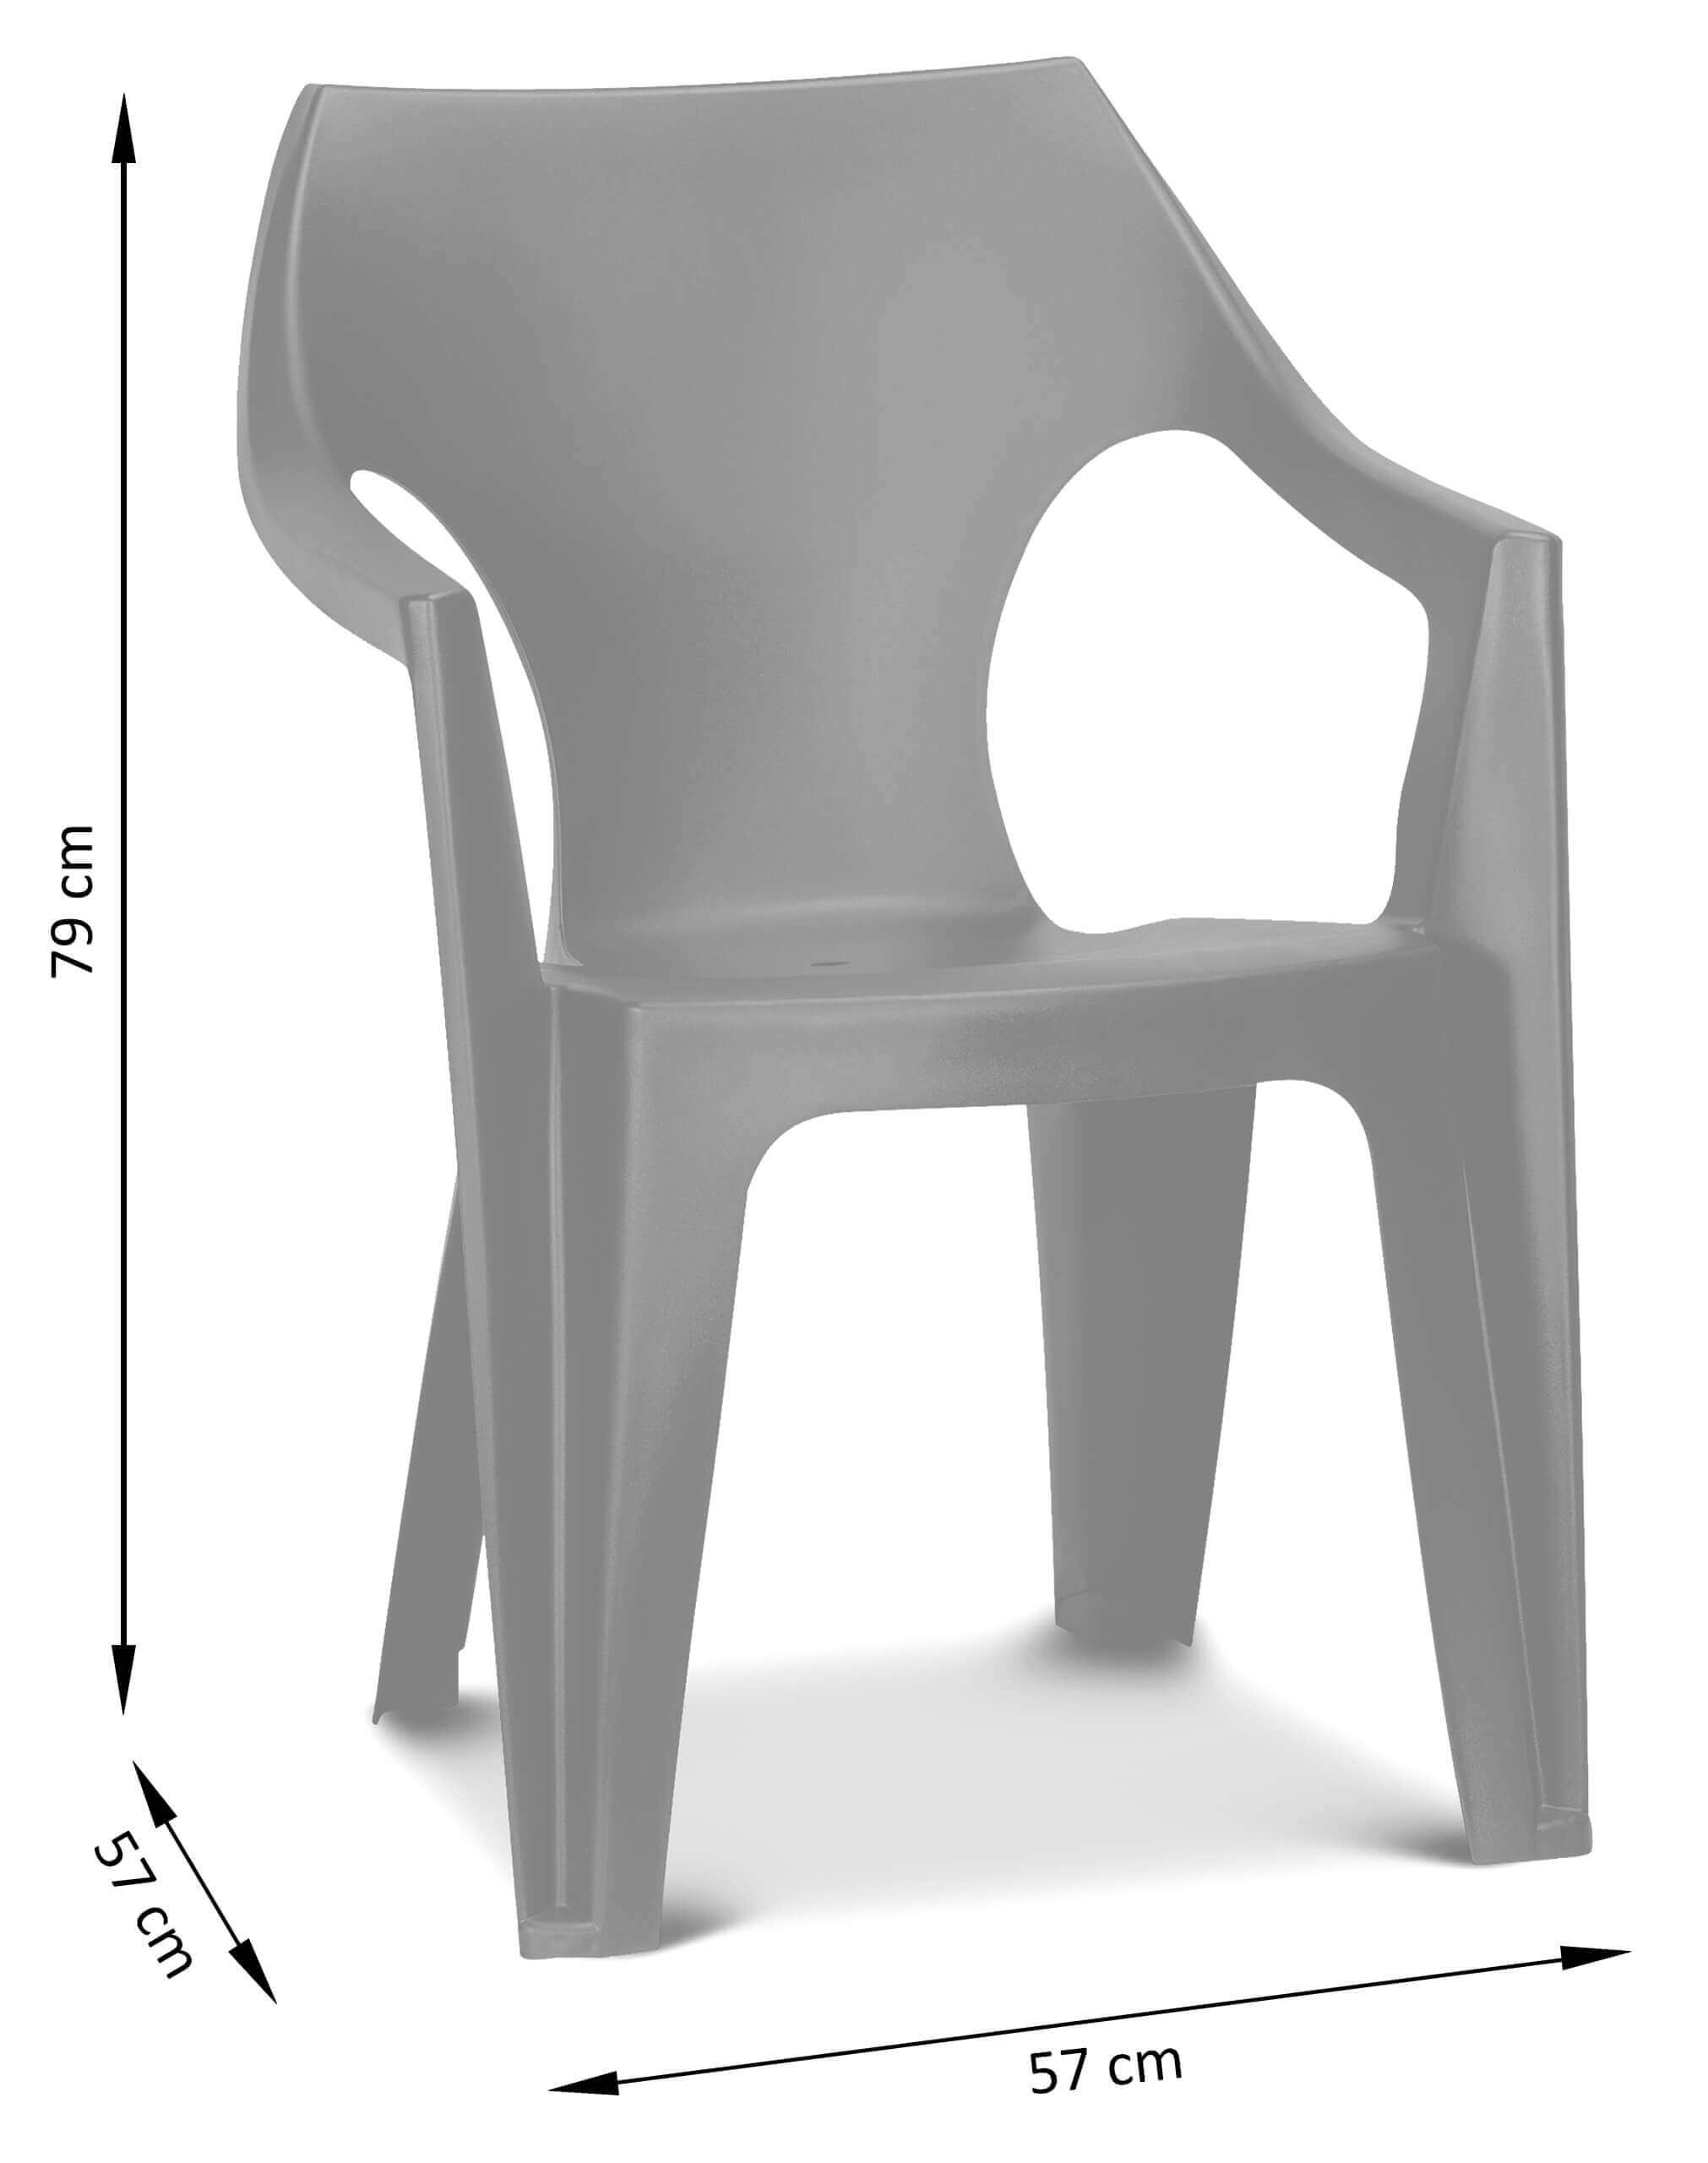 Wymiary krzesła ogrodowego Dante Low back